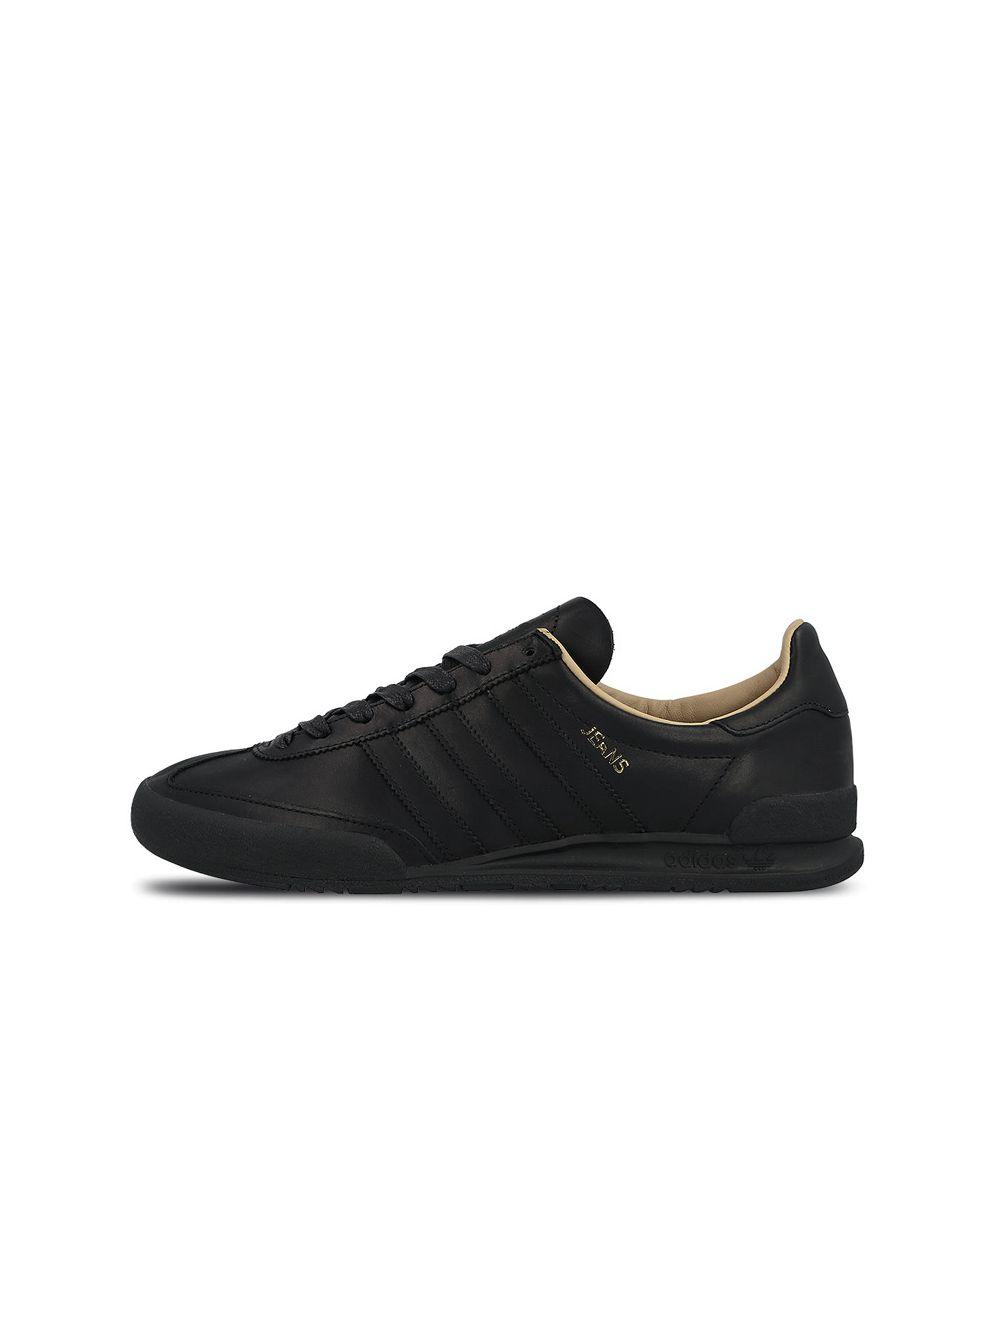 adidas mens footwear